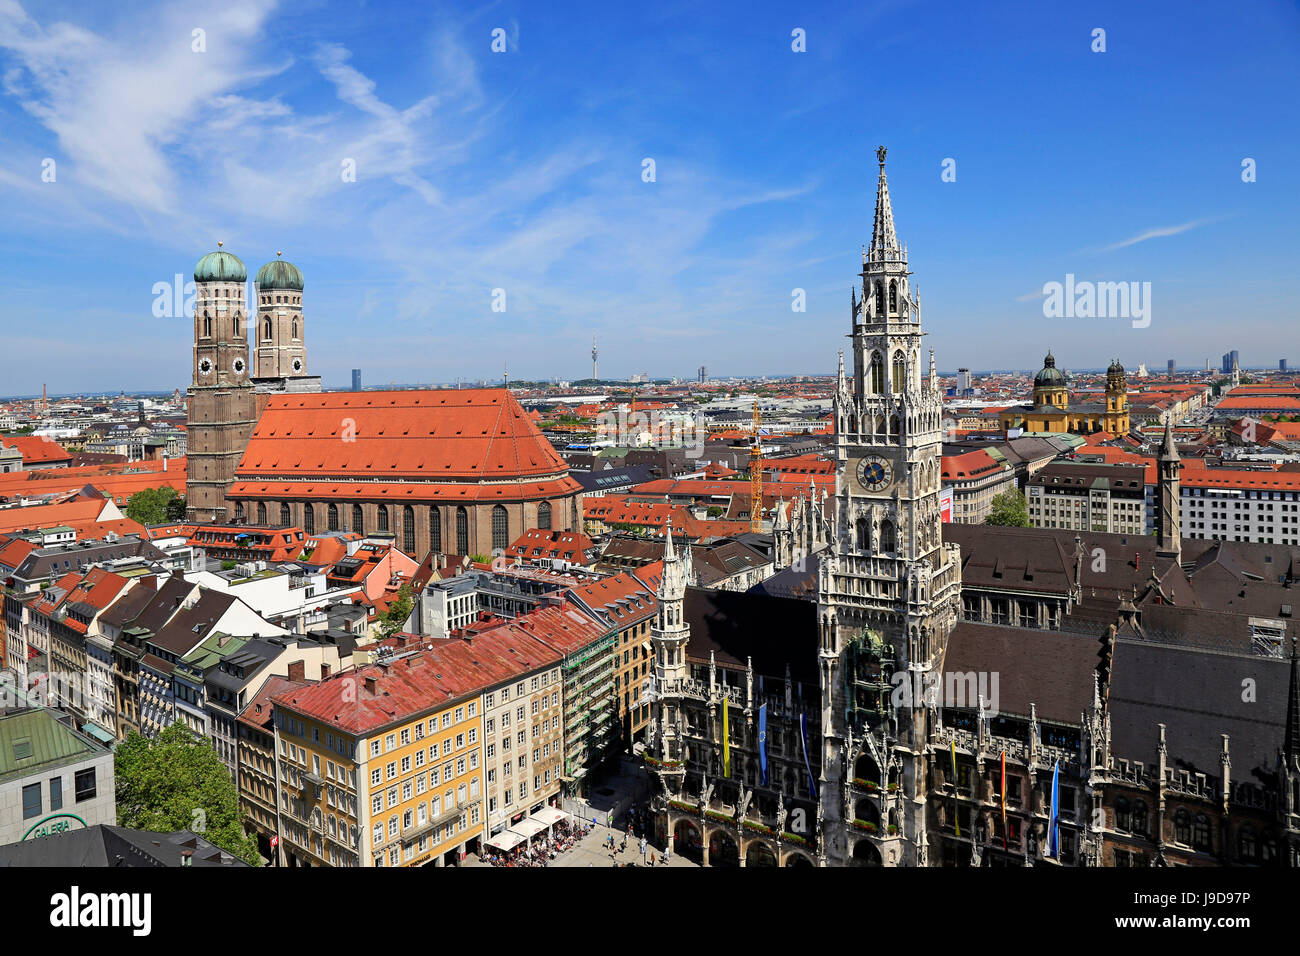 Blick vom St.-Petri Kirche bis Marienplatz-Platz, Rathaus und Frauenkirche, München, Oberbayern, Deutschland Stockbild